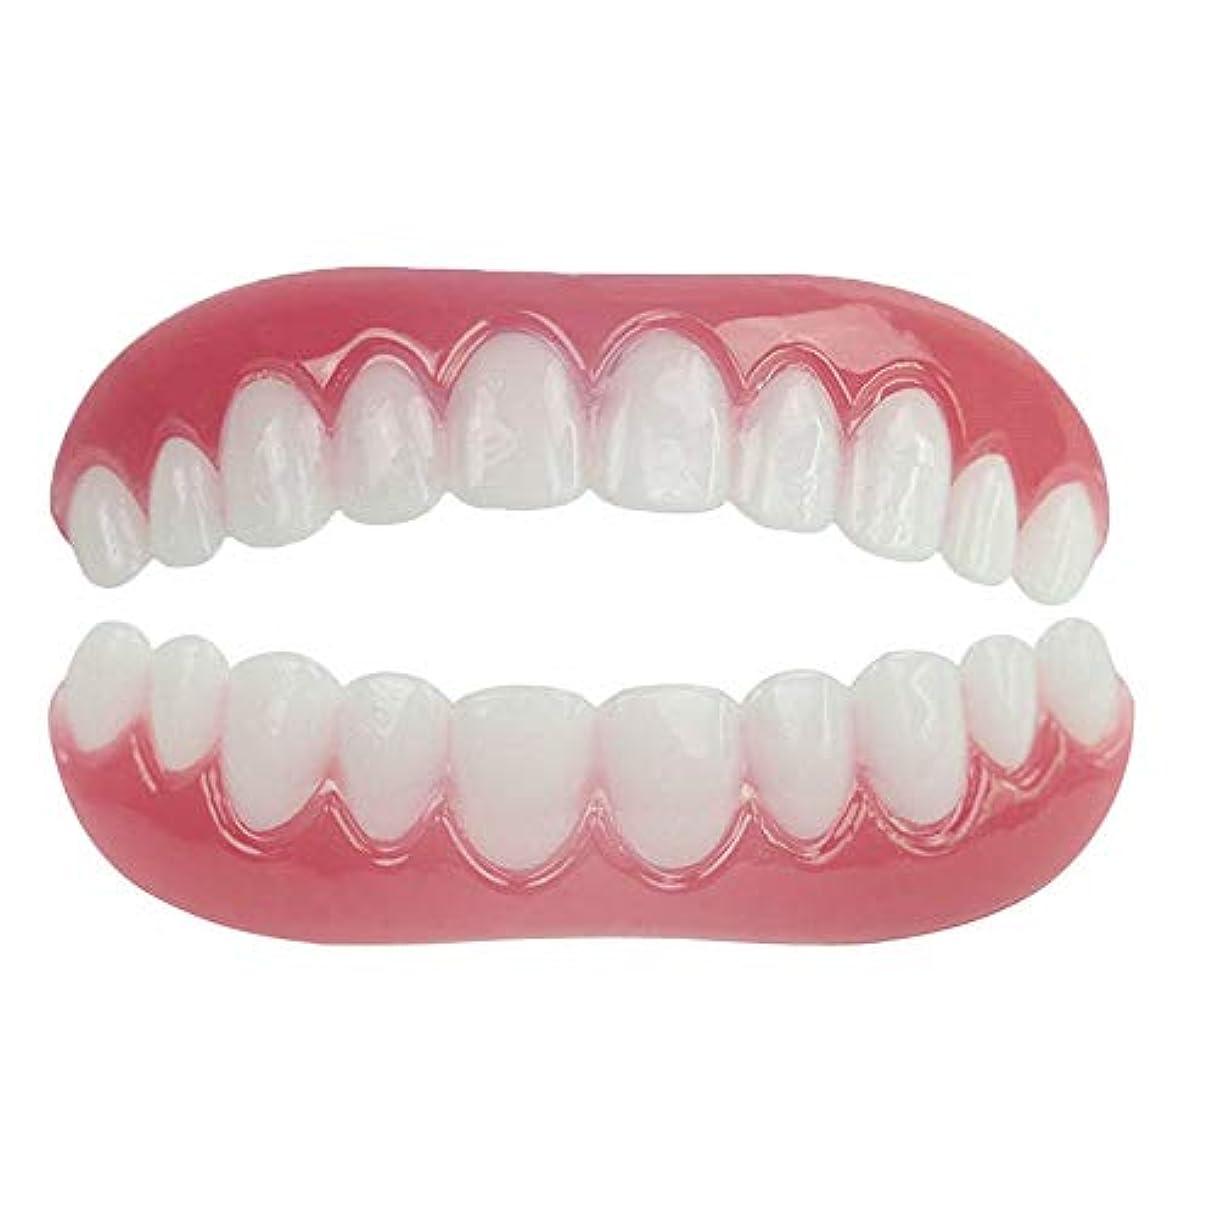 日常的にグラマークラシカルシリコンシミュレーションの上部および下部義歯スリーブ、歯科用ベニヤホワイトニングティーセット(1セット),Boxed,UpperLower